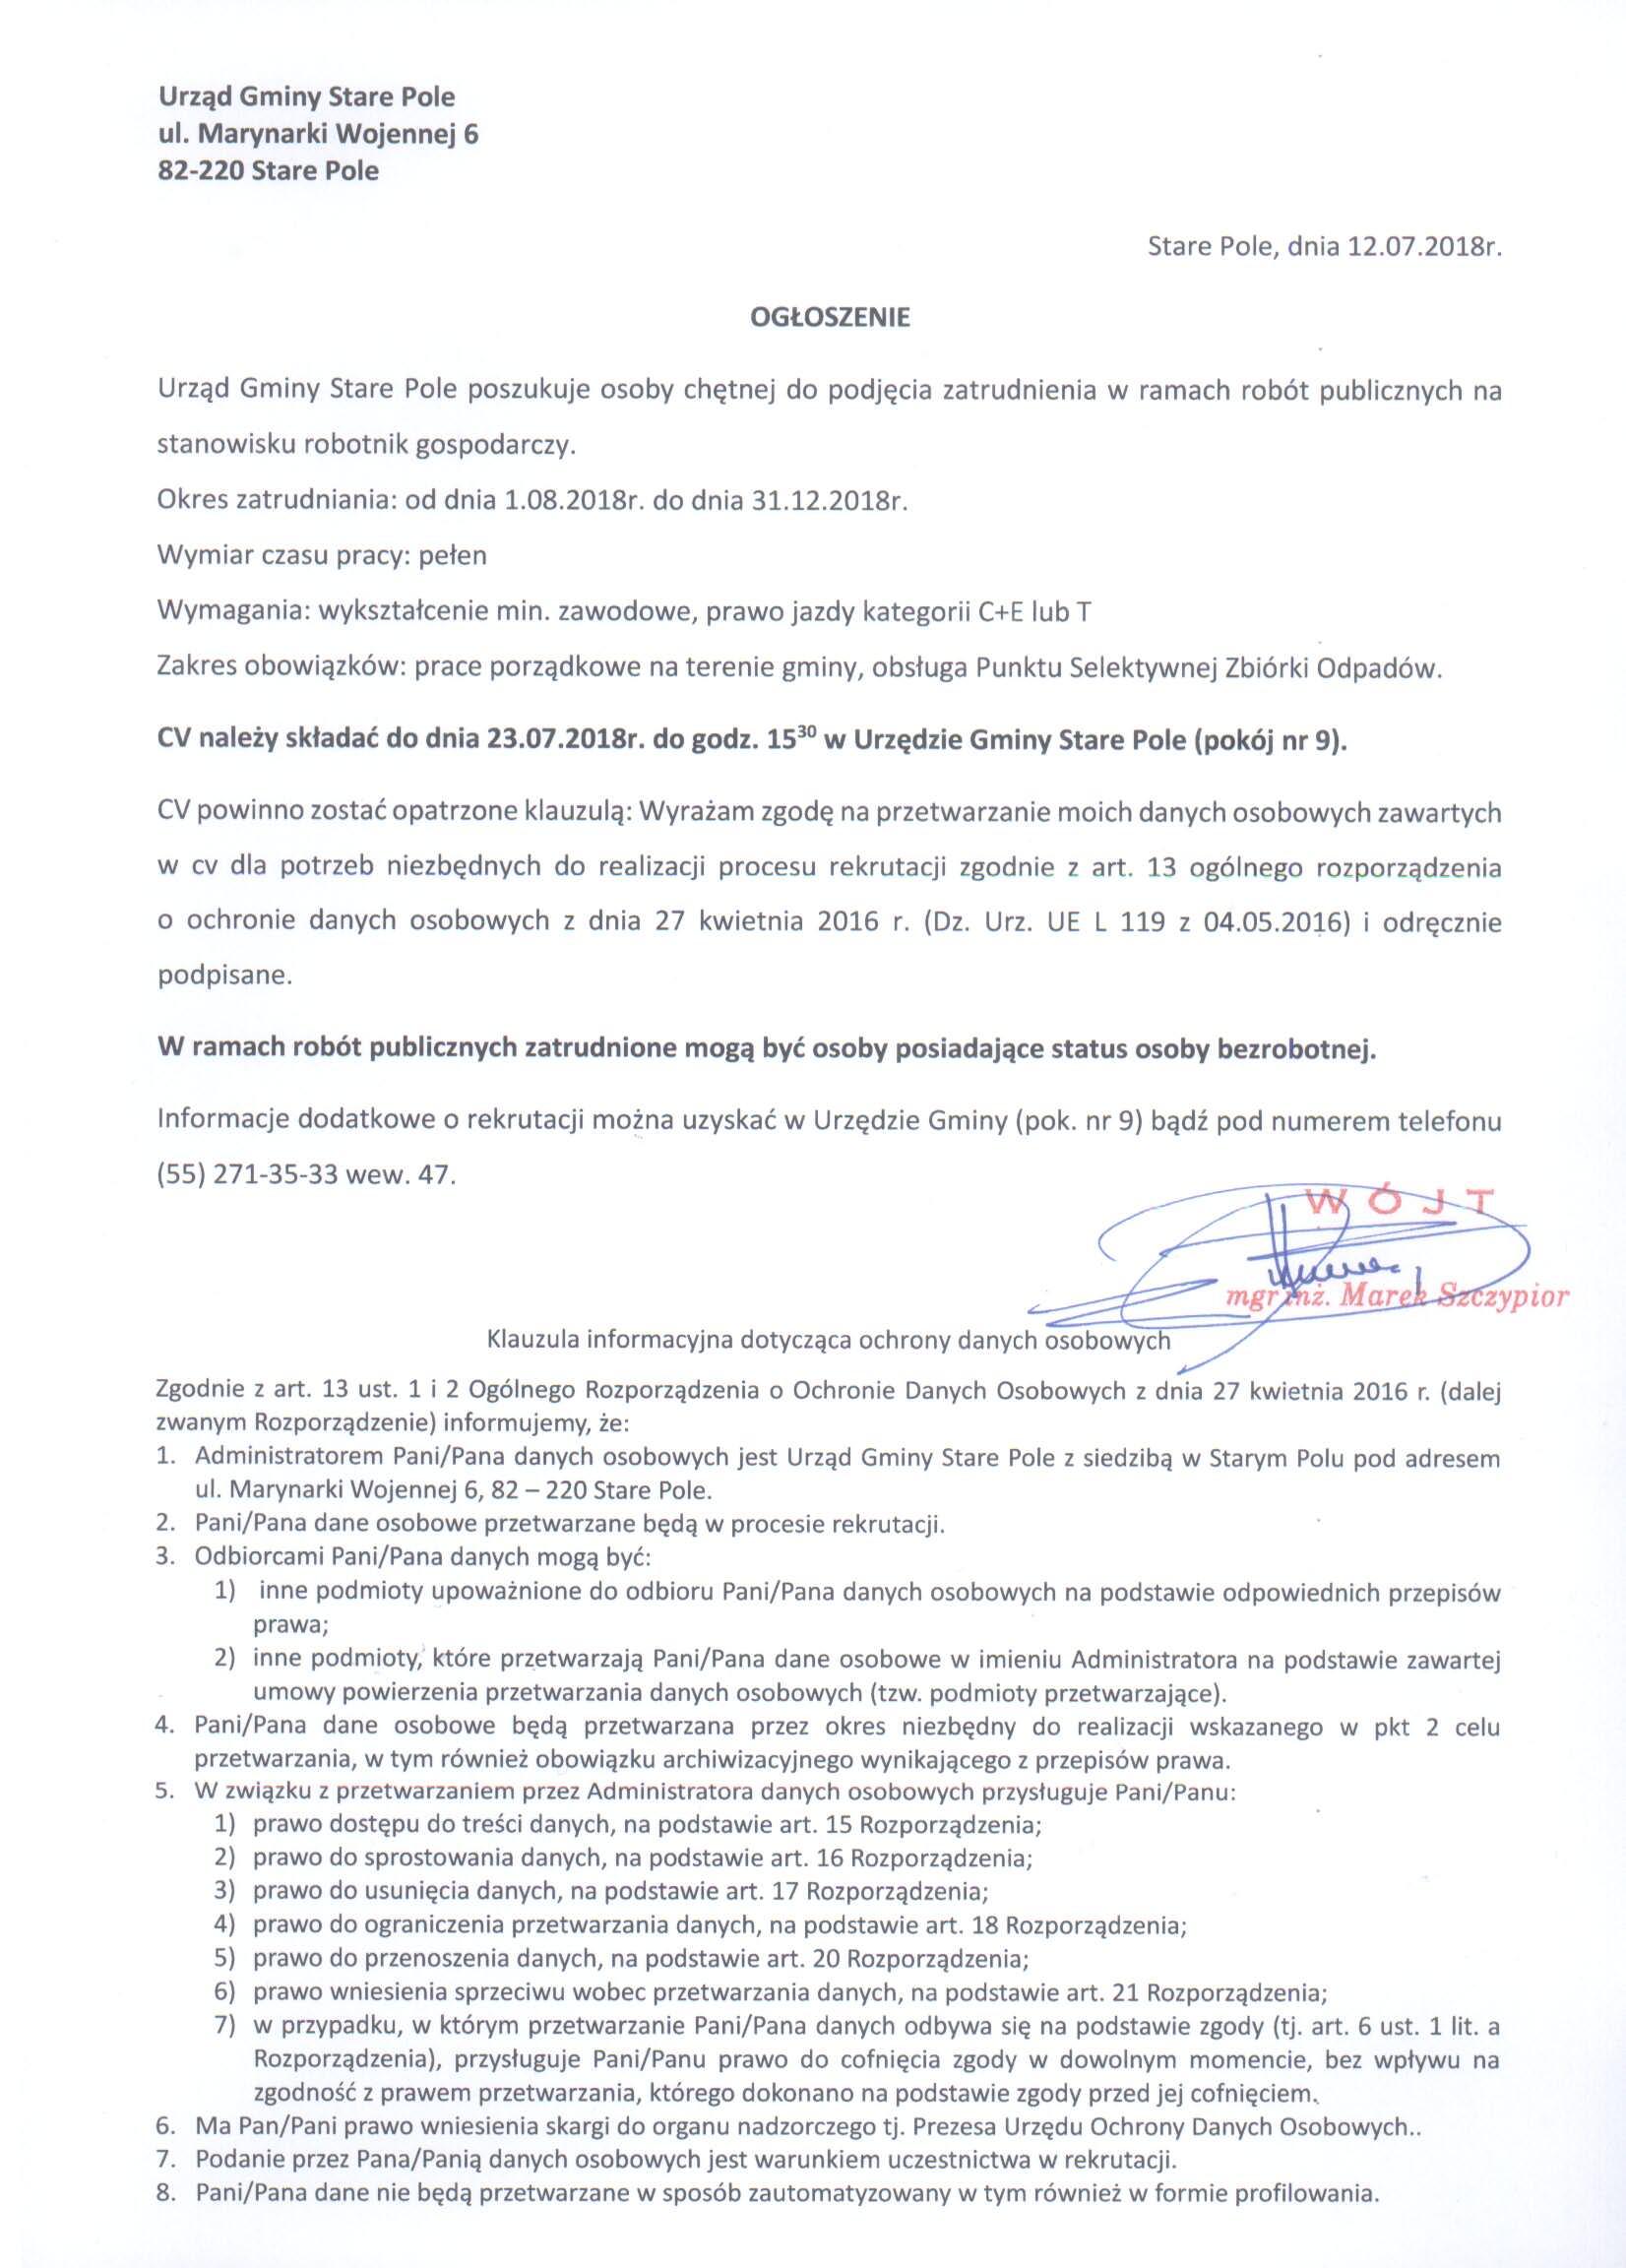 Ogłoszenie z dnia 12 lipca 2018 r. o możliwości zatrudnienia